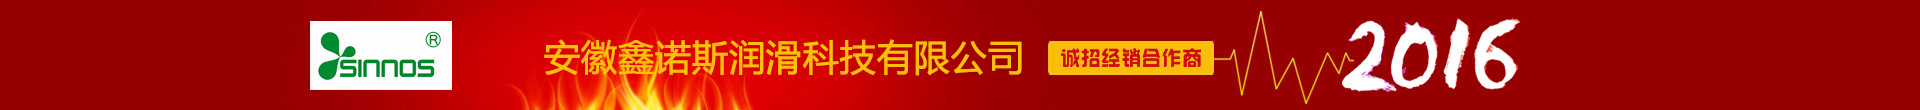 安徽鑫诺斯润滑科技有限公司